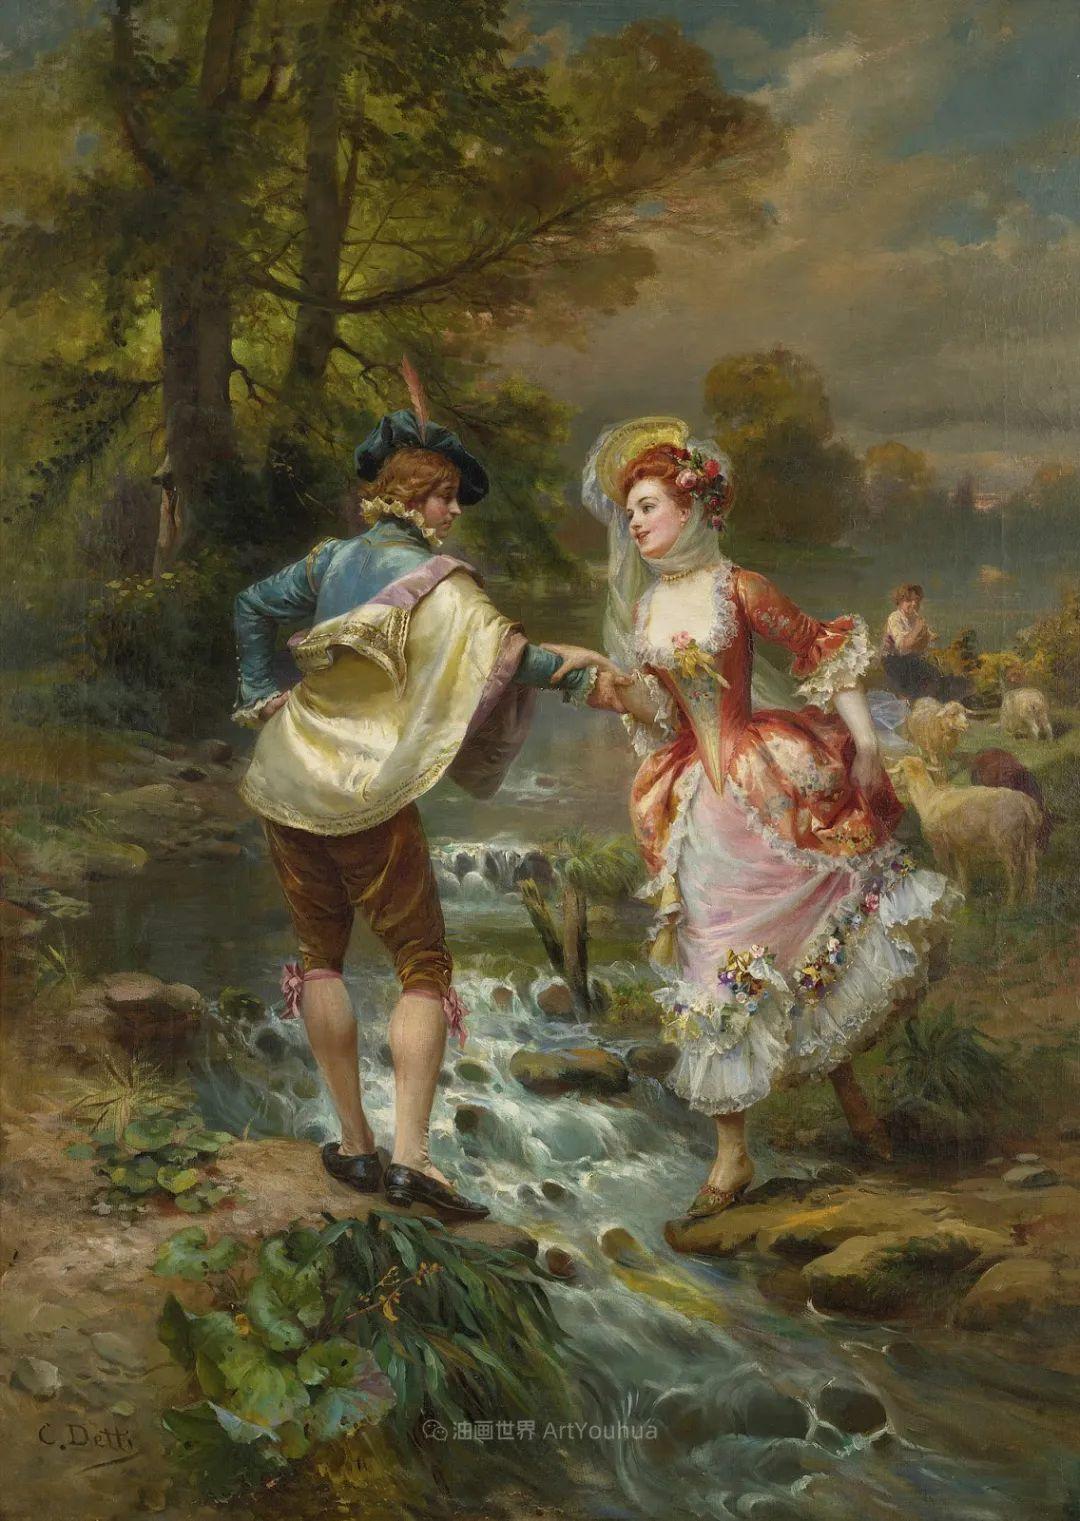 华丽的服饰,精美的人物,田园牧歌式的情感插图11